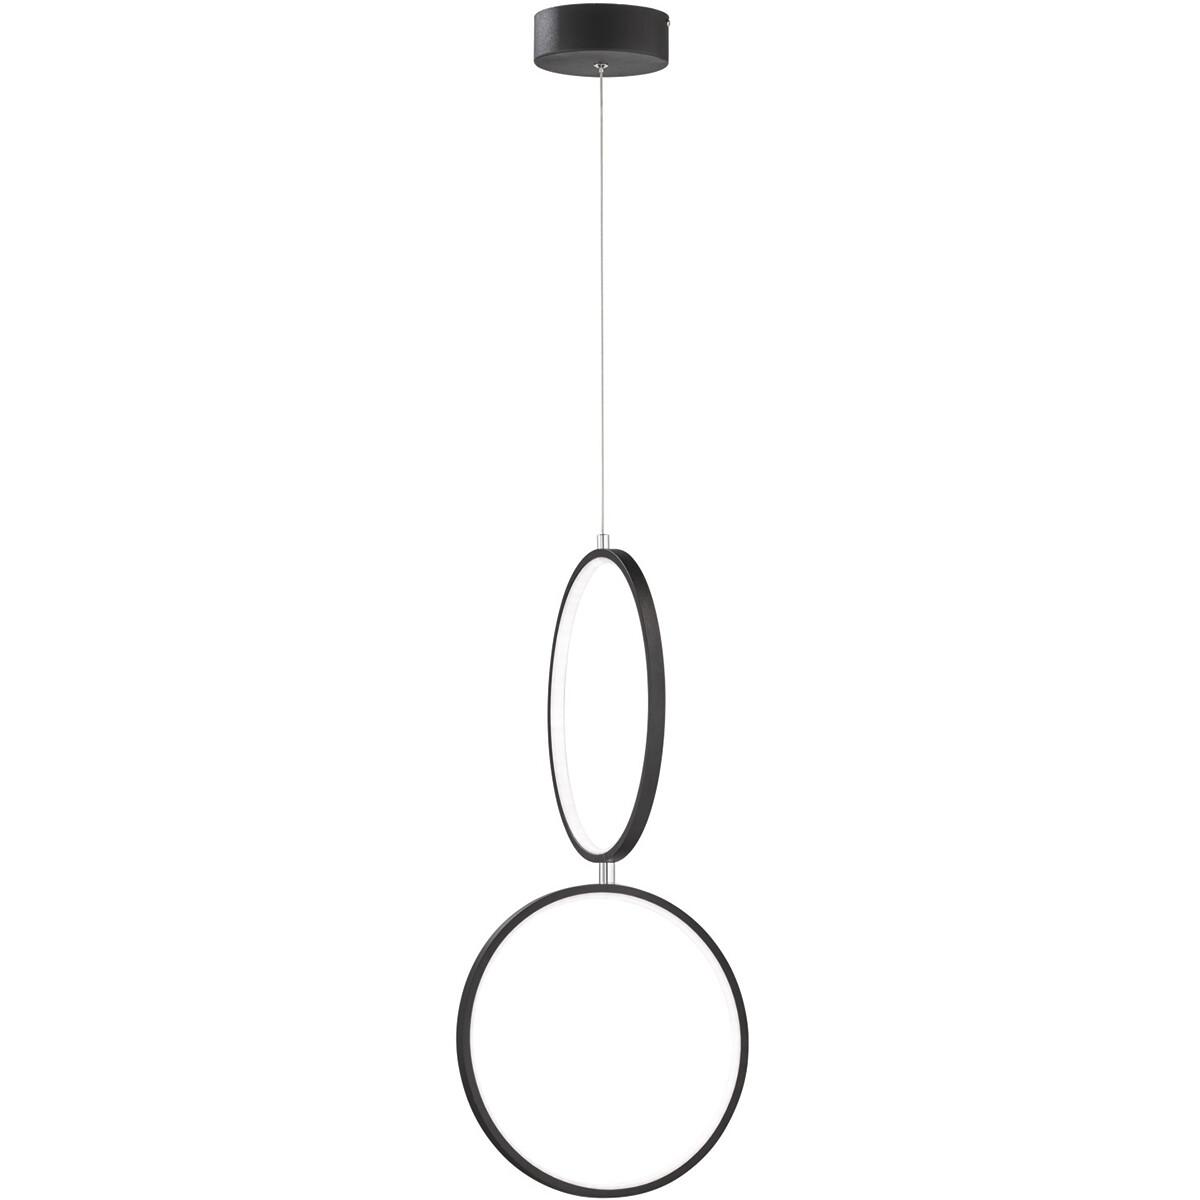 LED Hanglamp - Trion Rondy - 22W - Warm Wit 3000K - Rechthoek - Mat Zwart - Aluminium